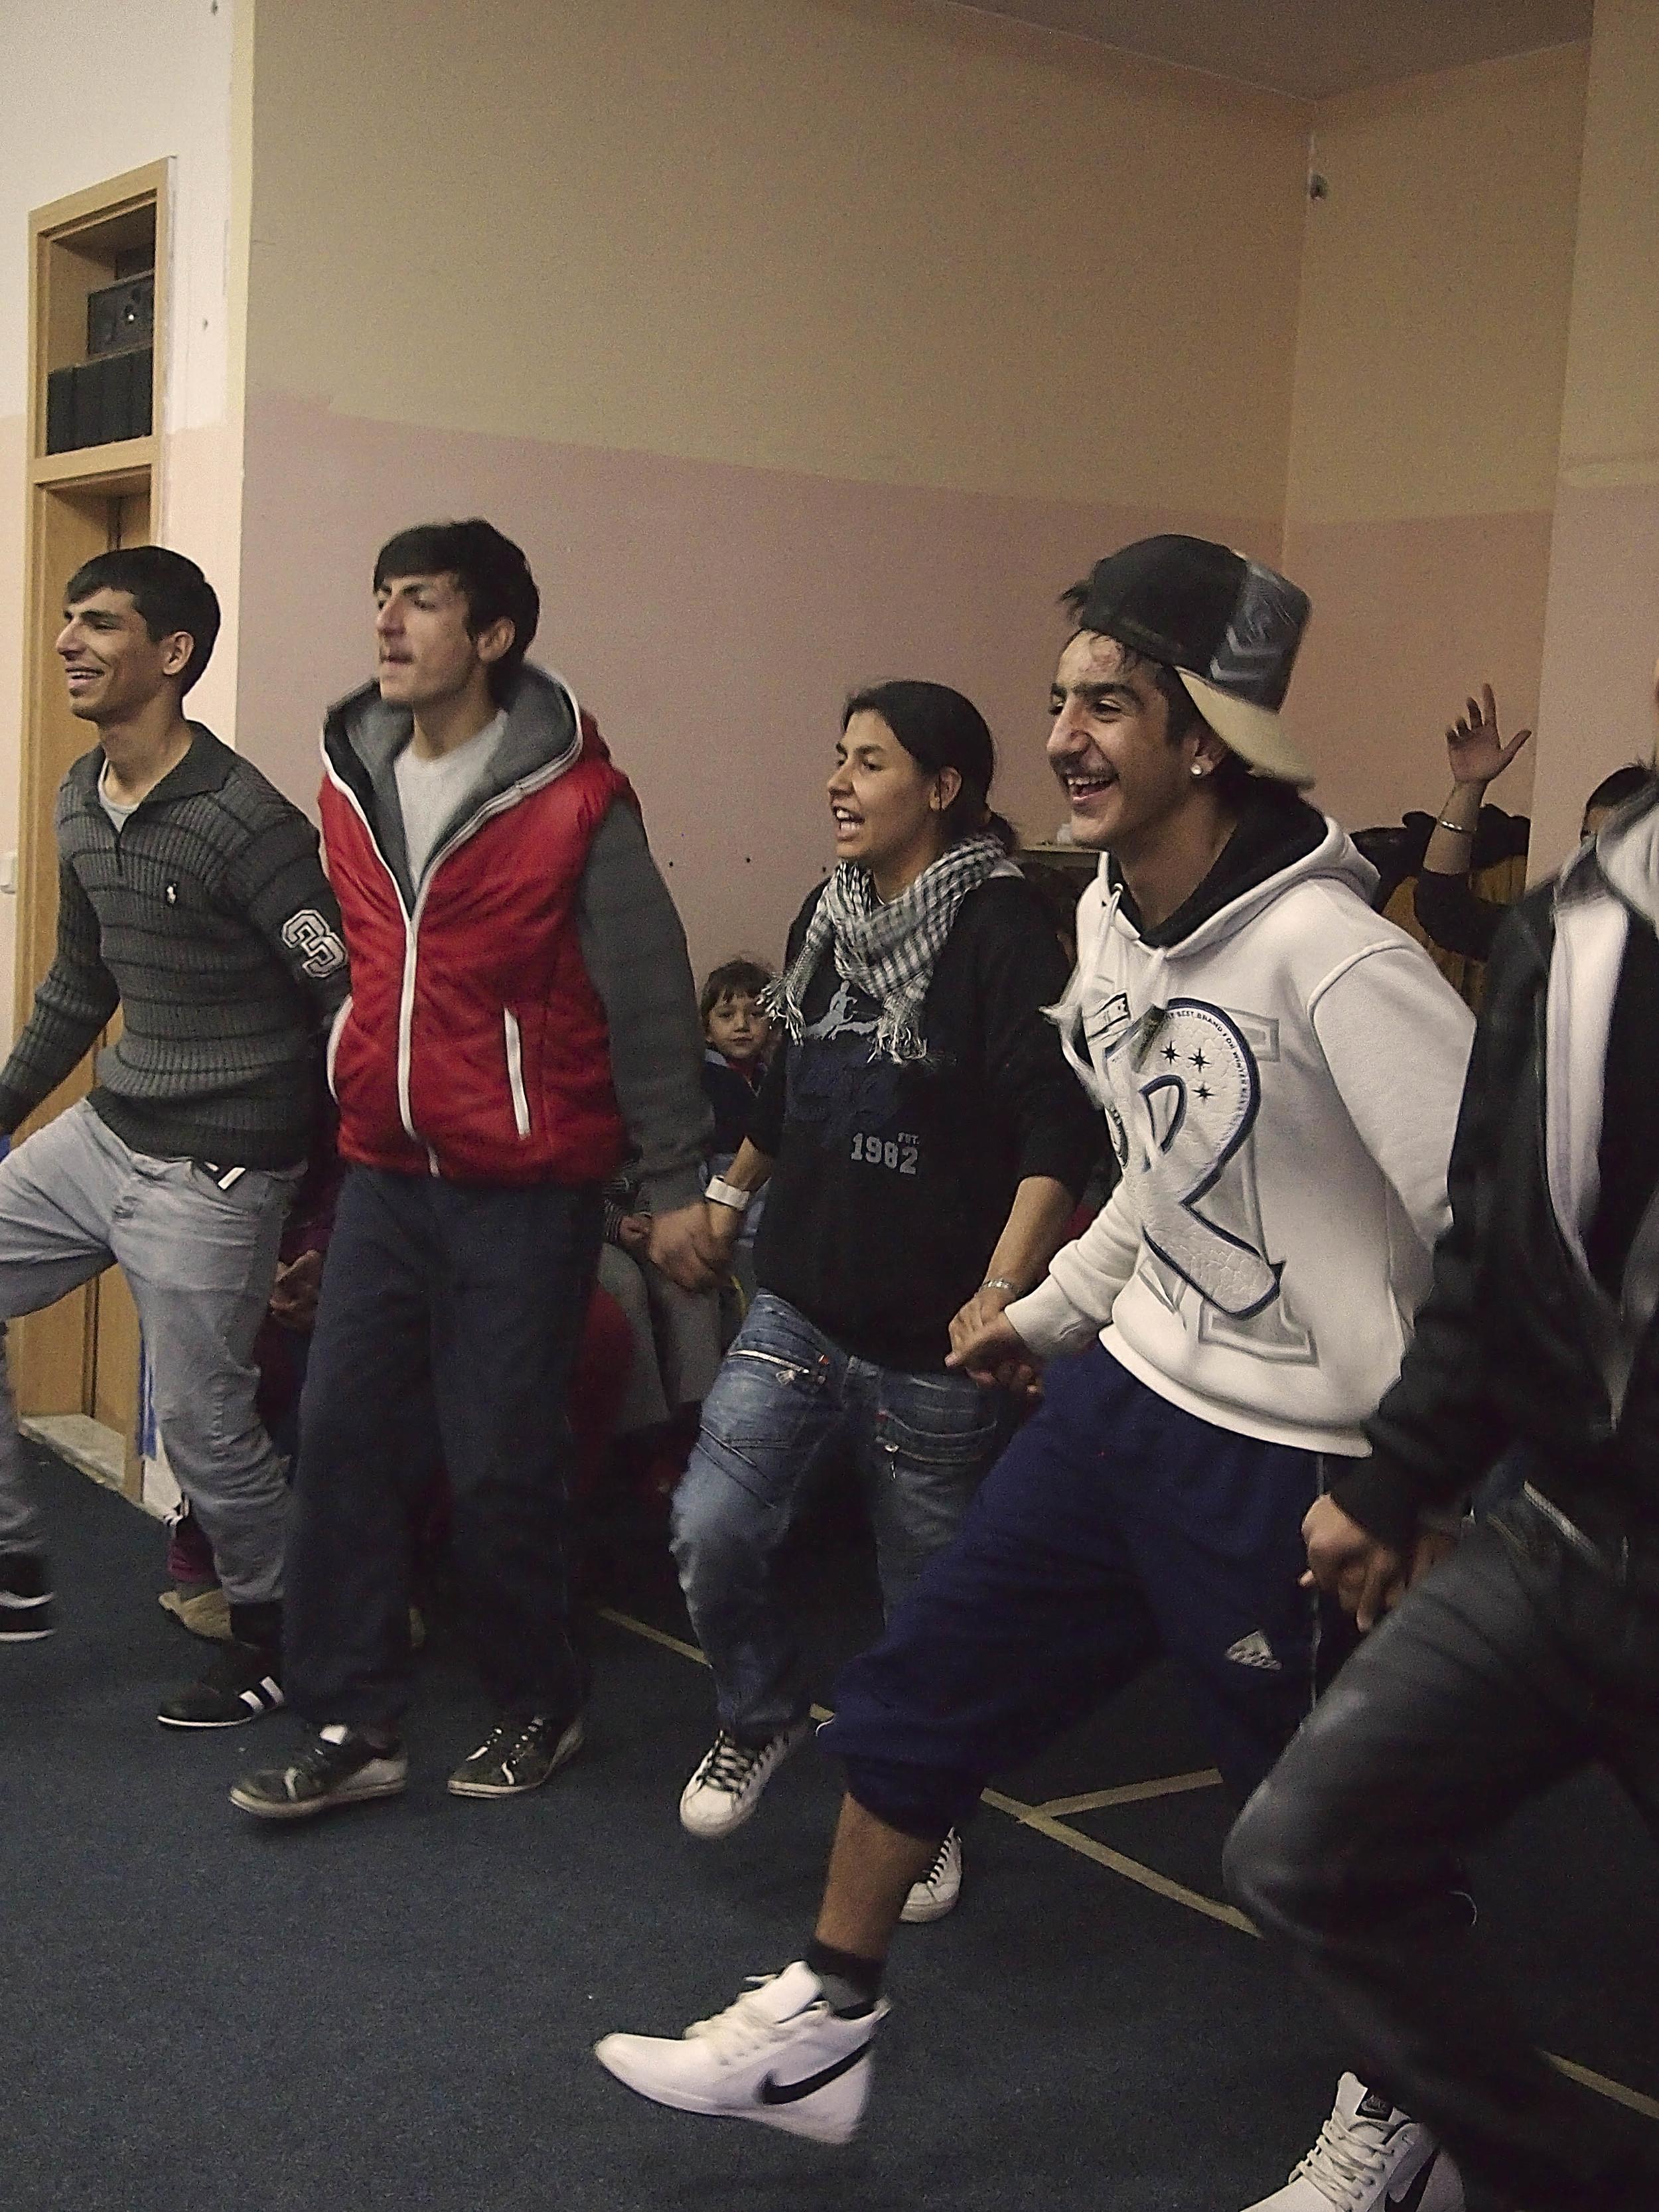 Dance troupe, Roma Mahalla, Mitrovica